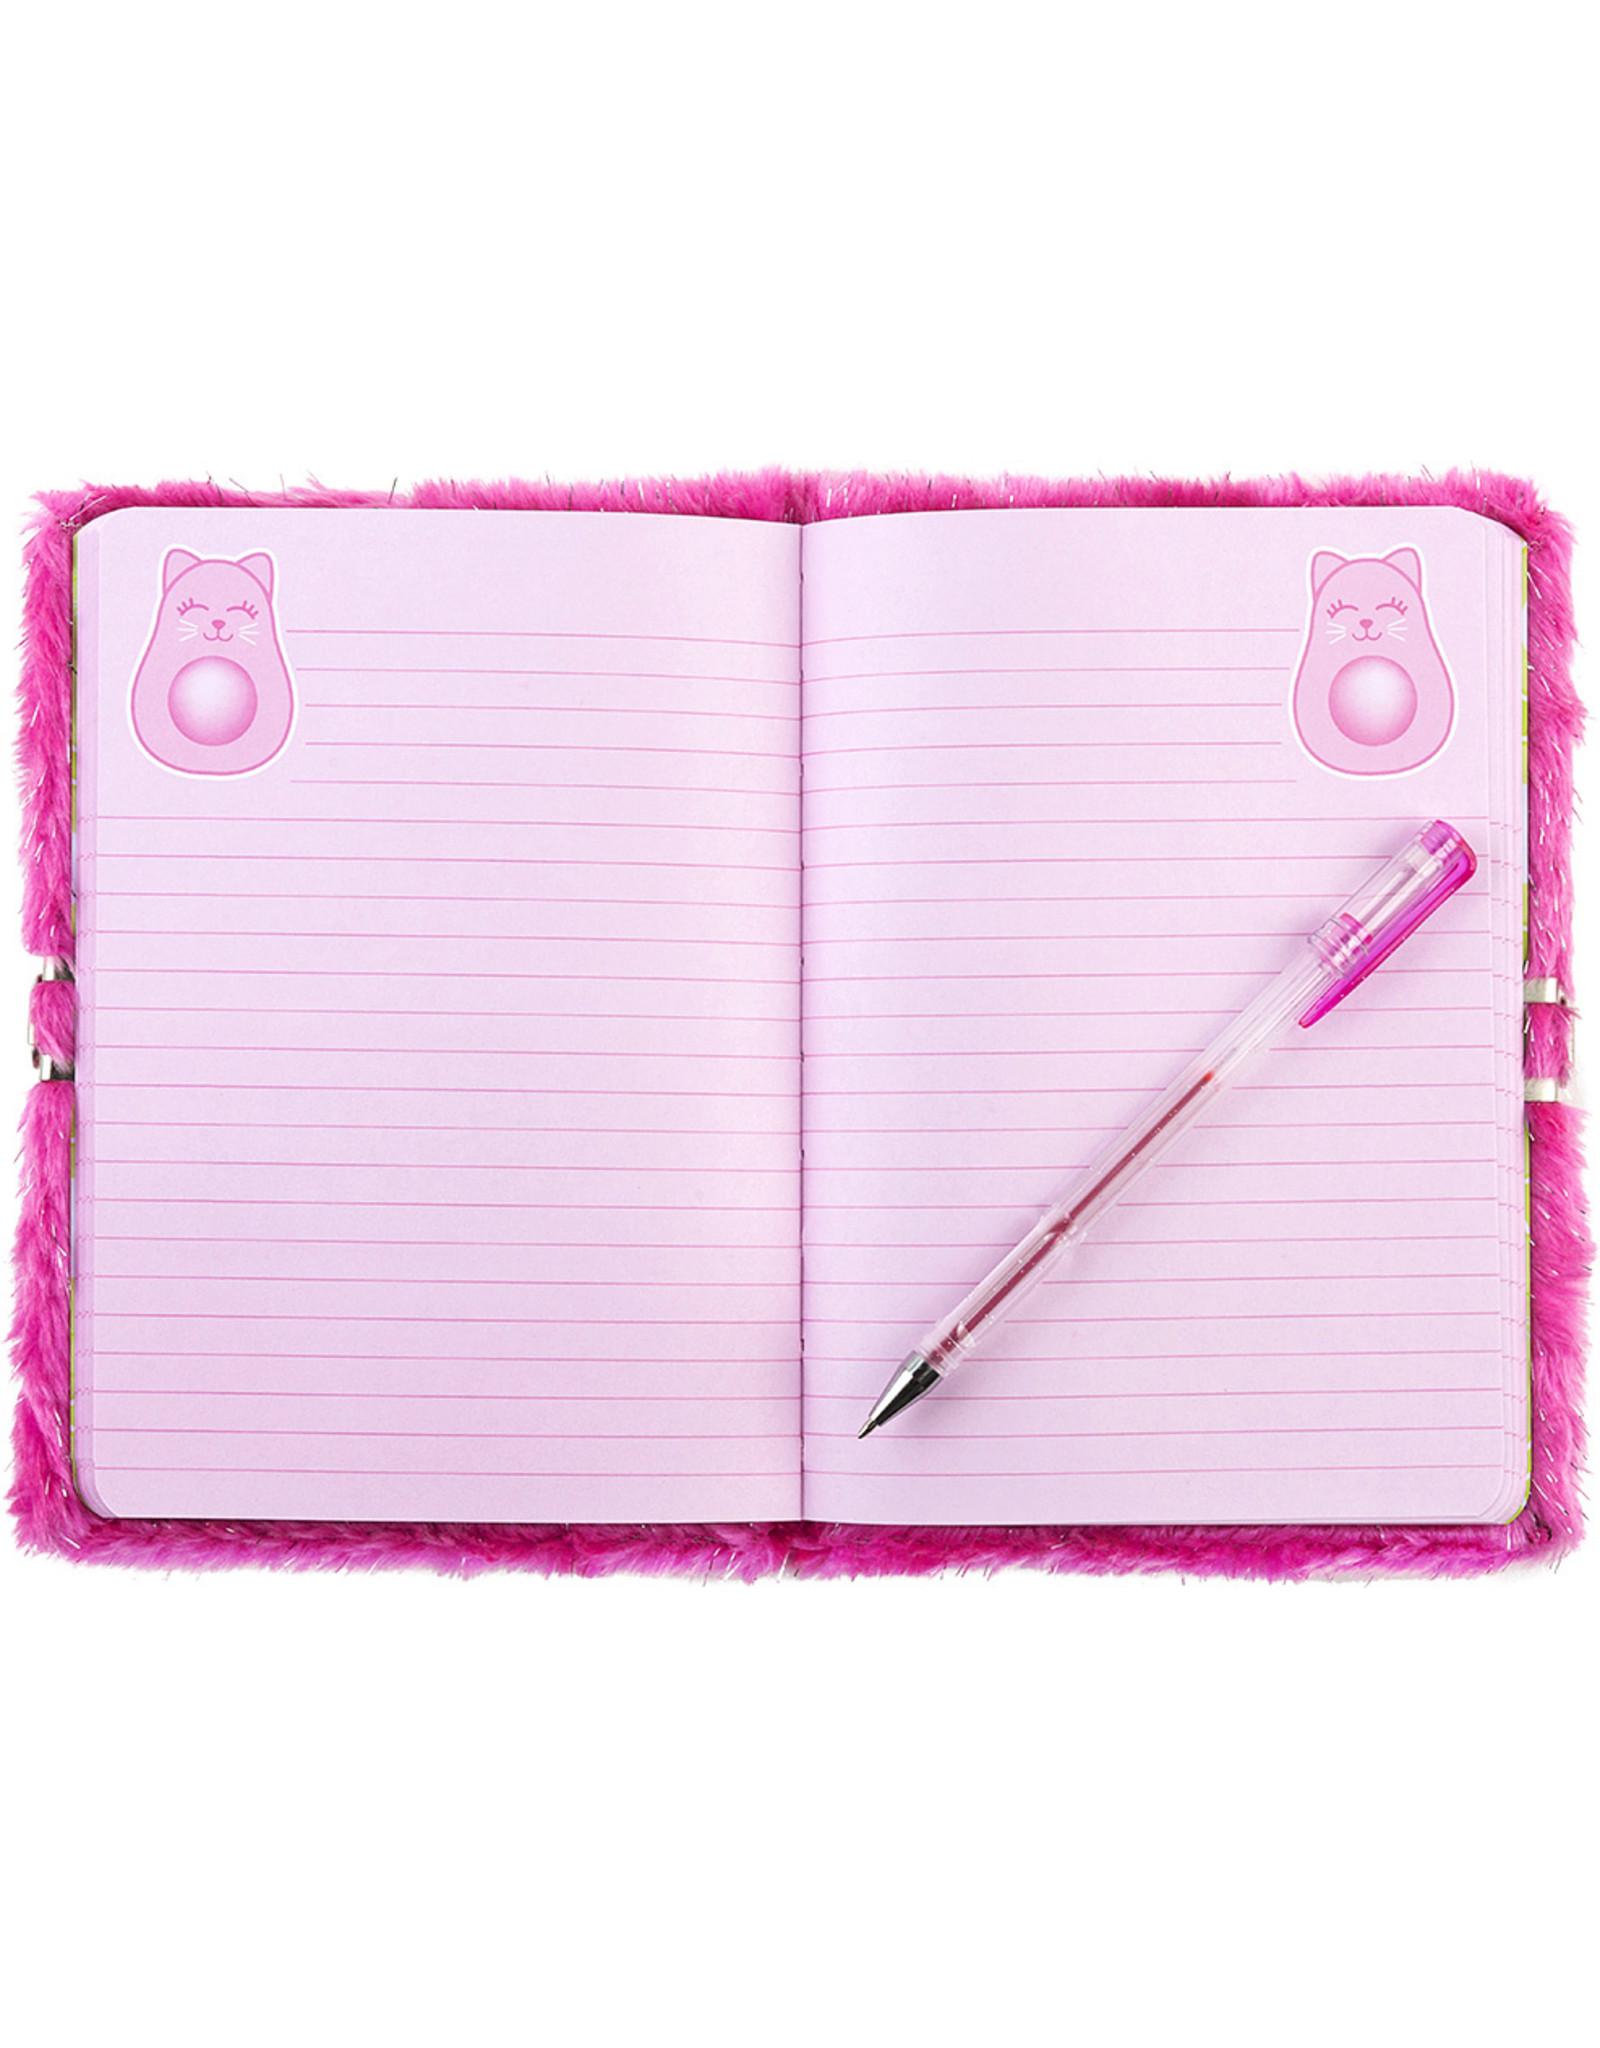 Three Cheers For Girls Catocado Squishy Journal